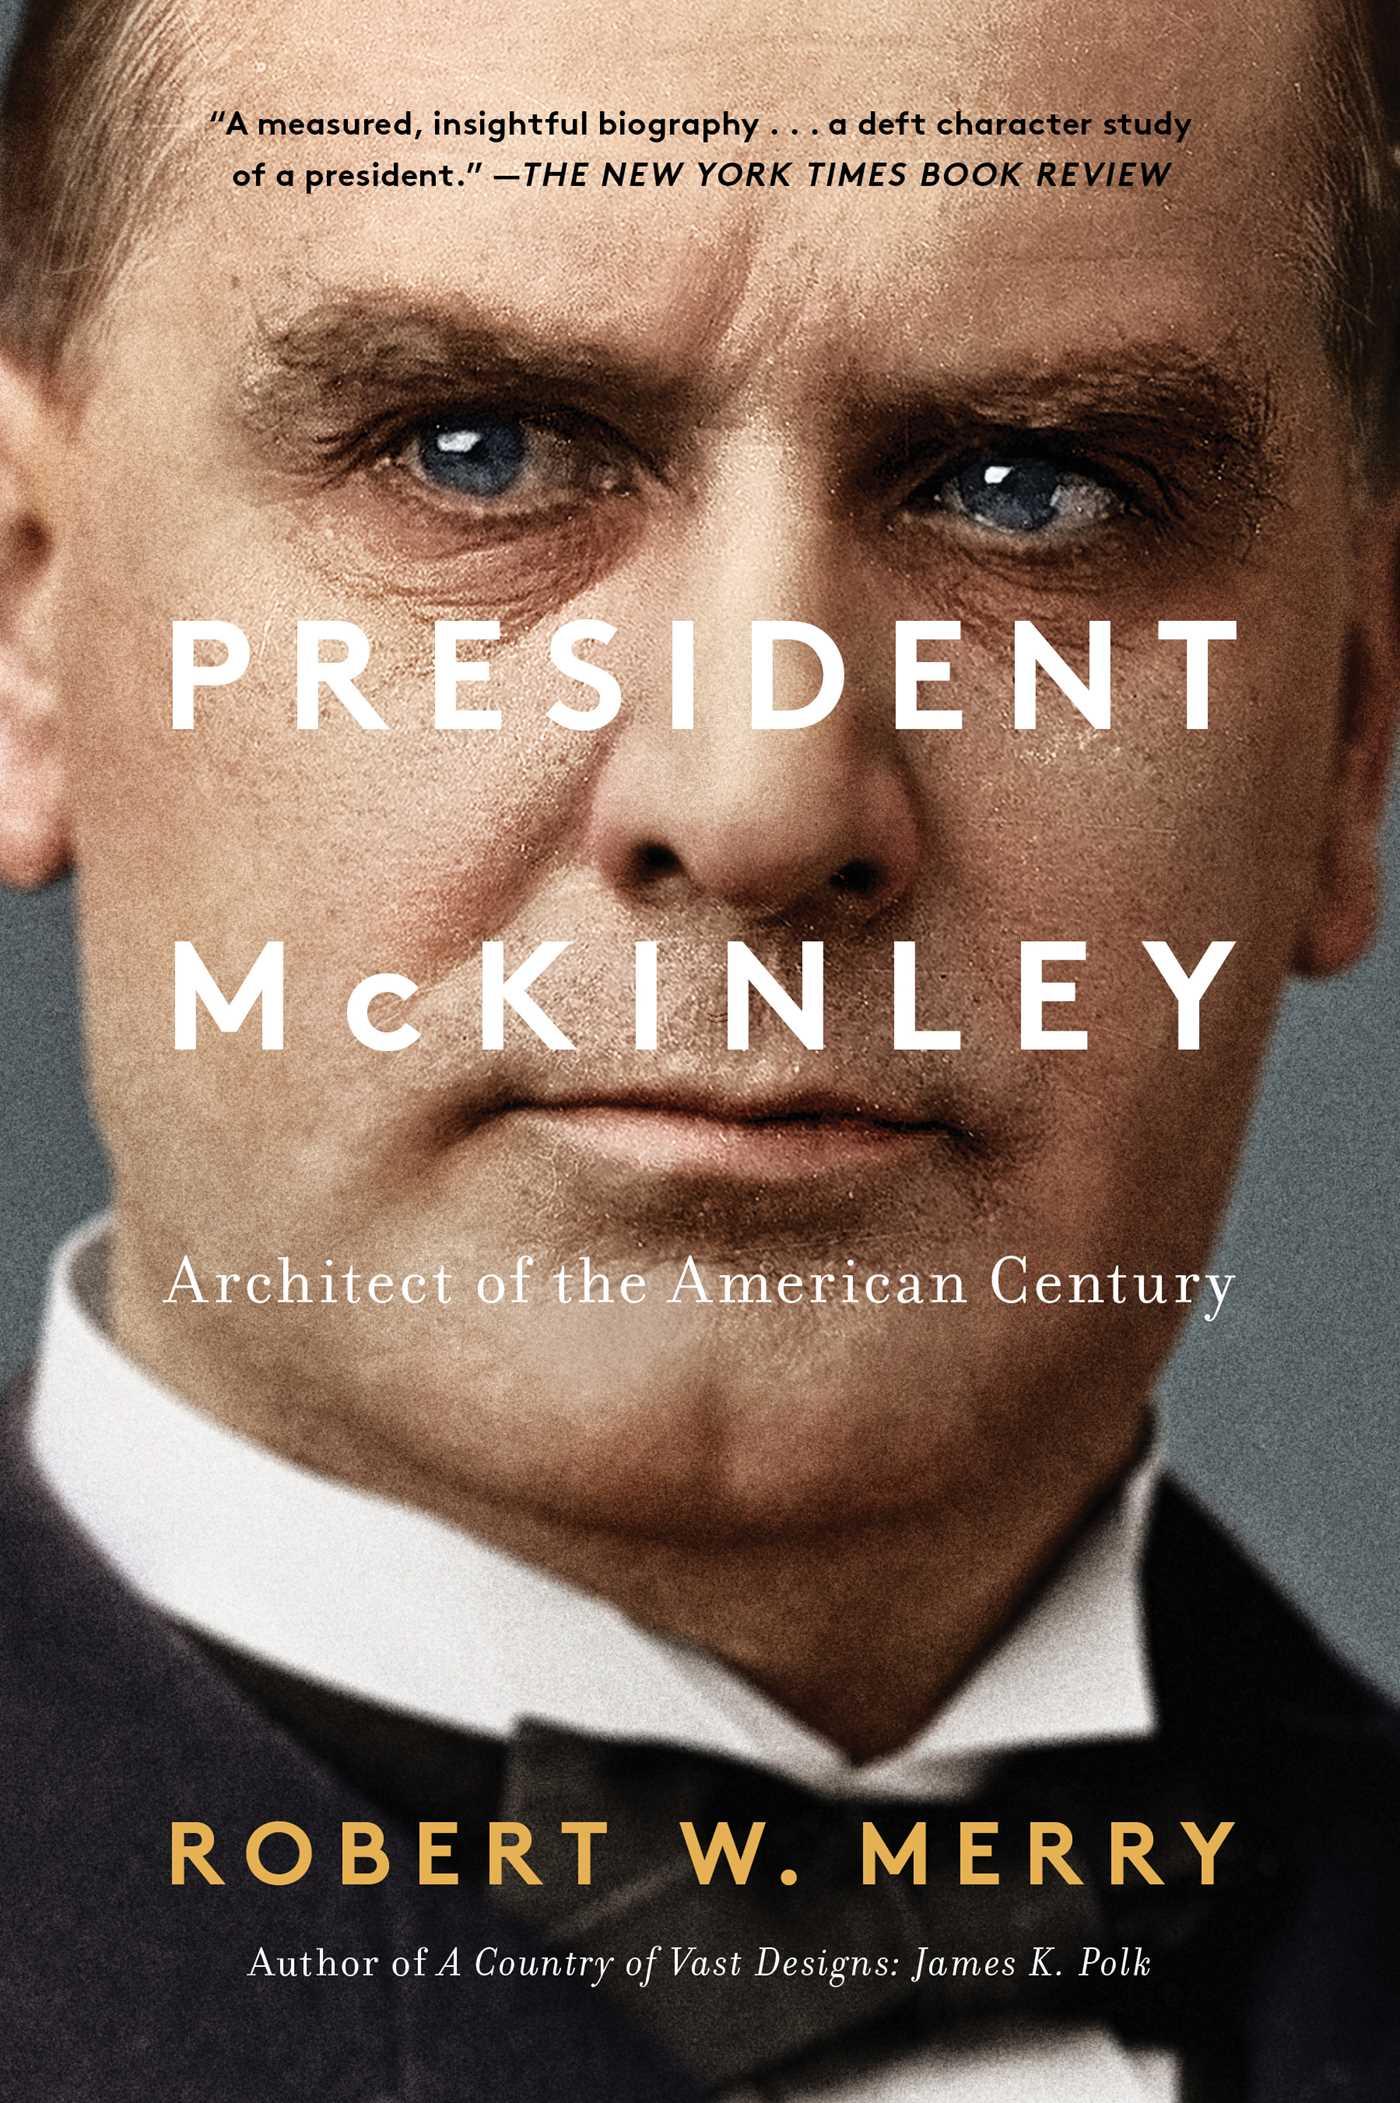 President mckinley 9781451625462 hr